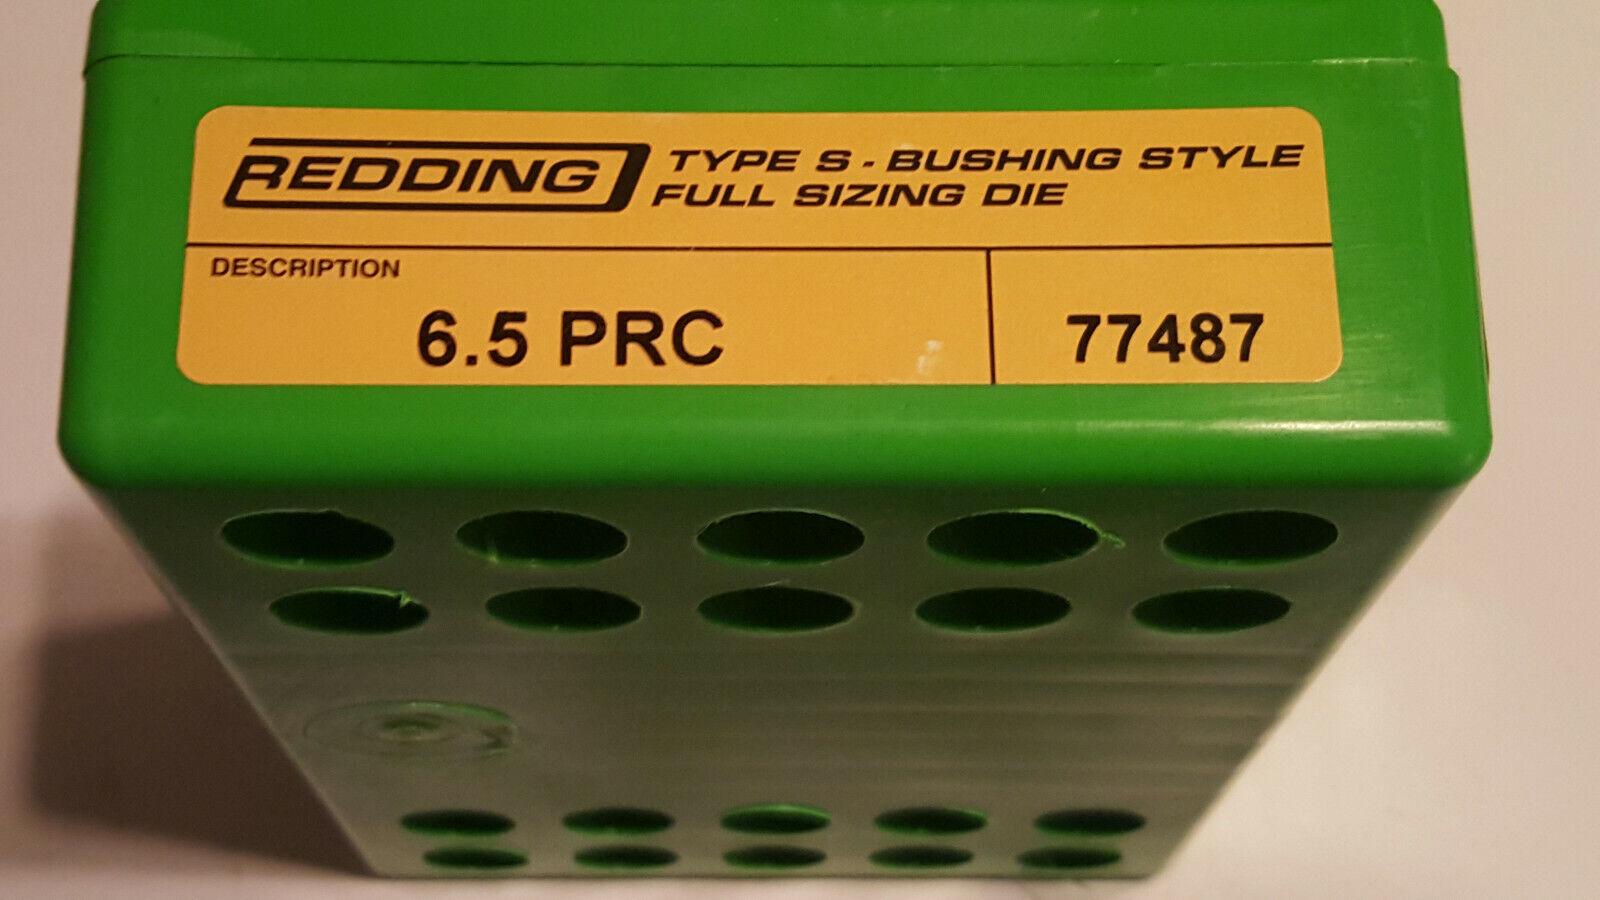 77487 rojoDING Tipo S Buje De Longitud Completa De Tamaño Die - 6.5 PRC-totalmente Nuevo